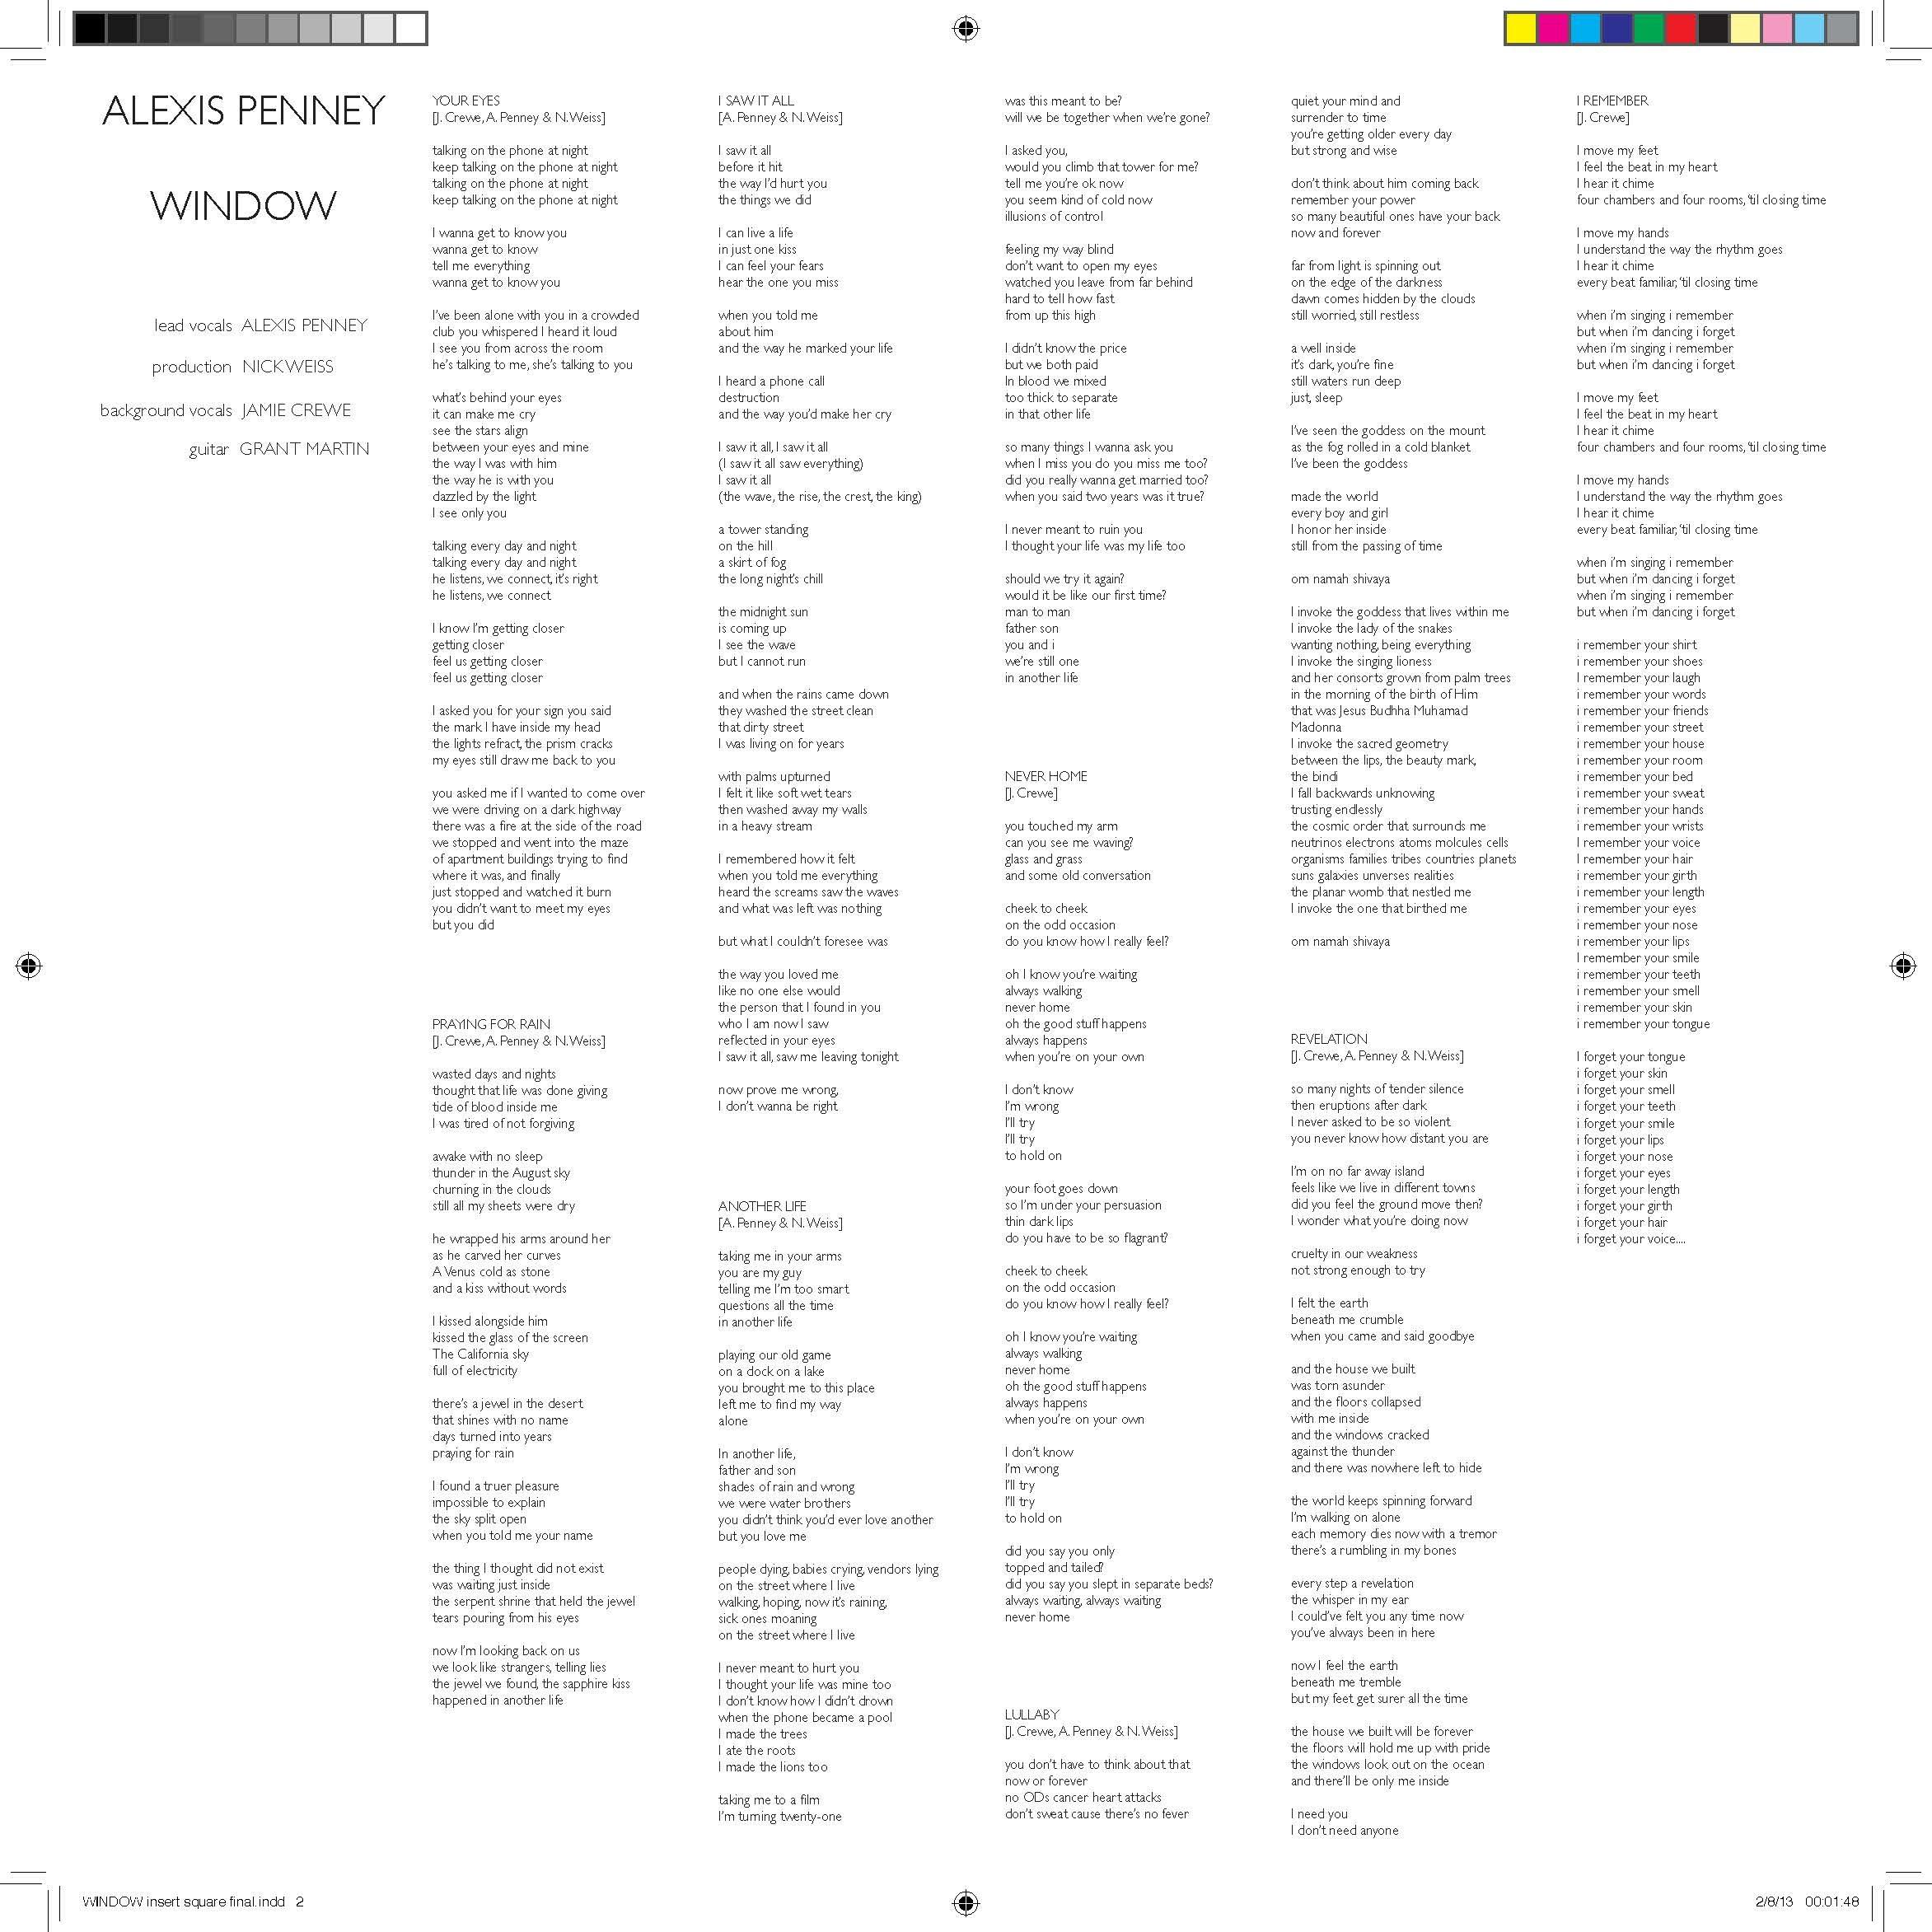 Window-Insert-final_Page_2_2345 (1).jpg